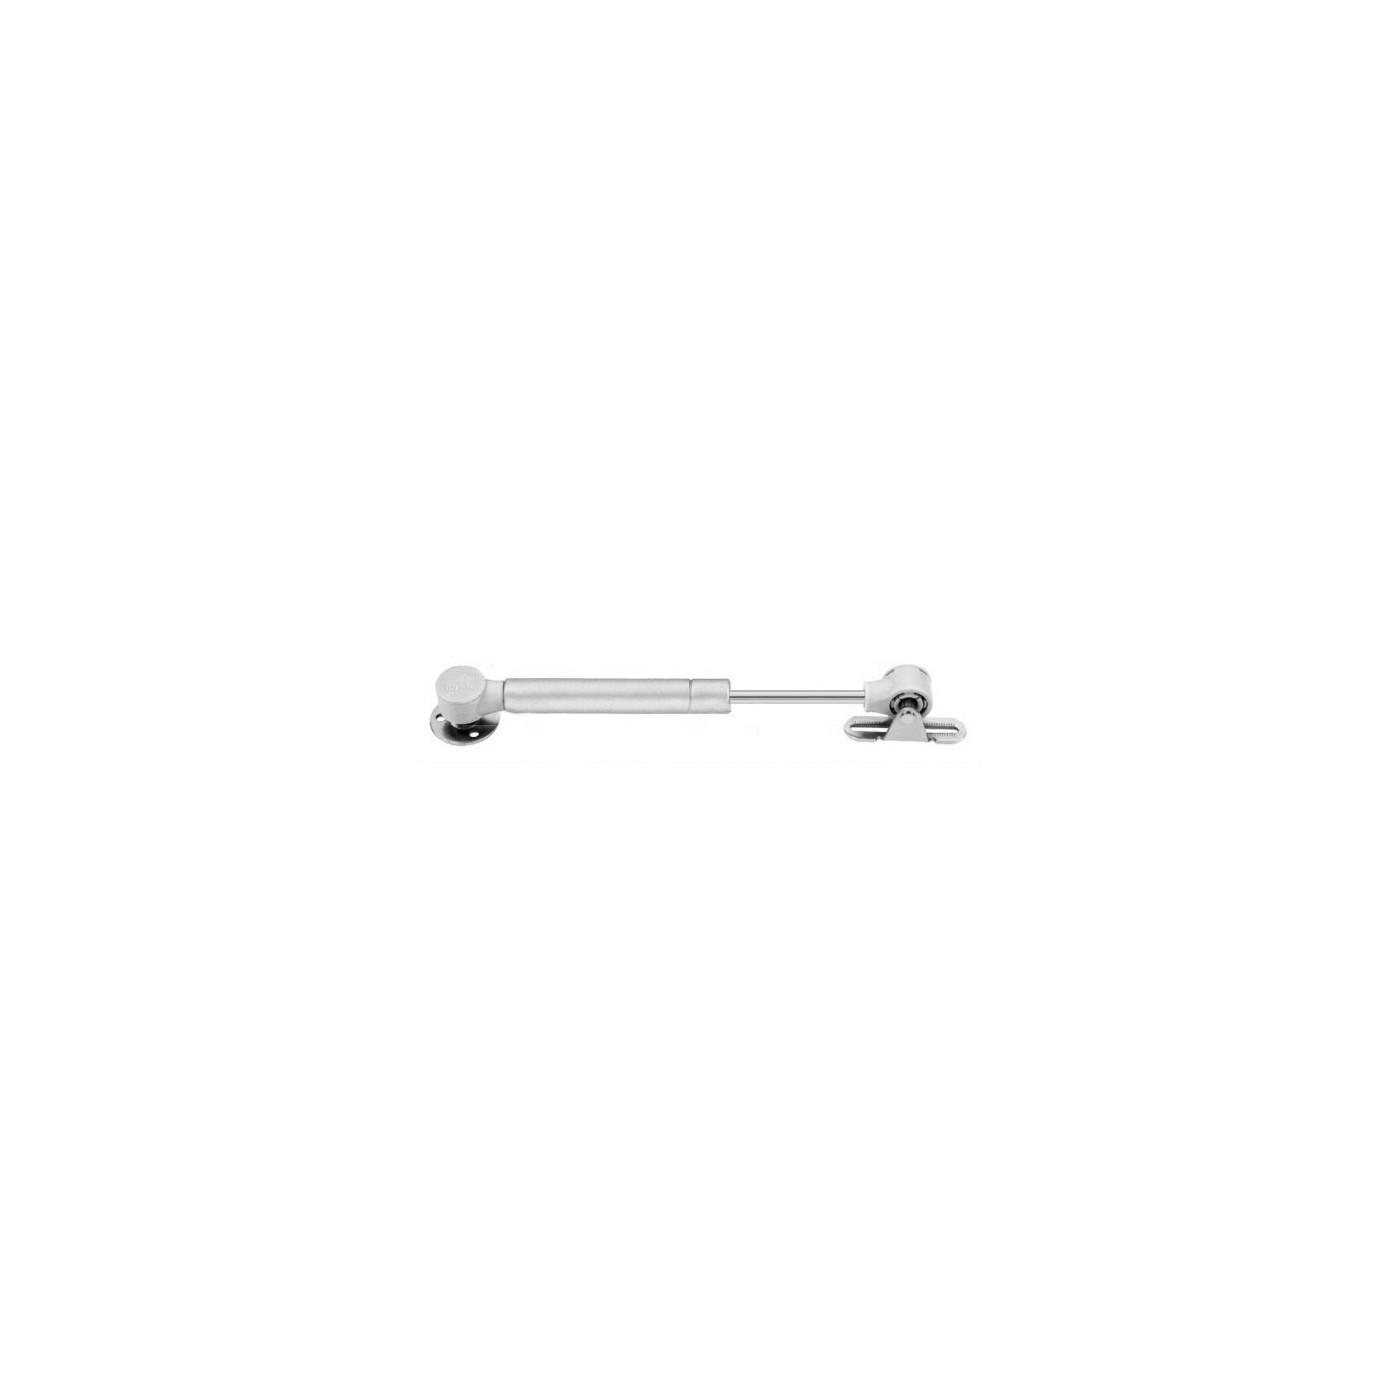 Vérin à gaz universel avec supports (100N / 10kg, 172 mm